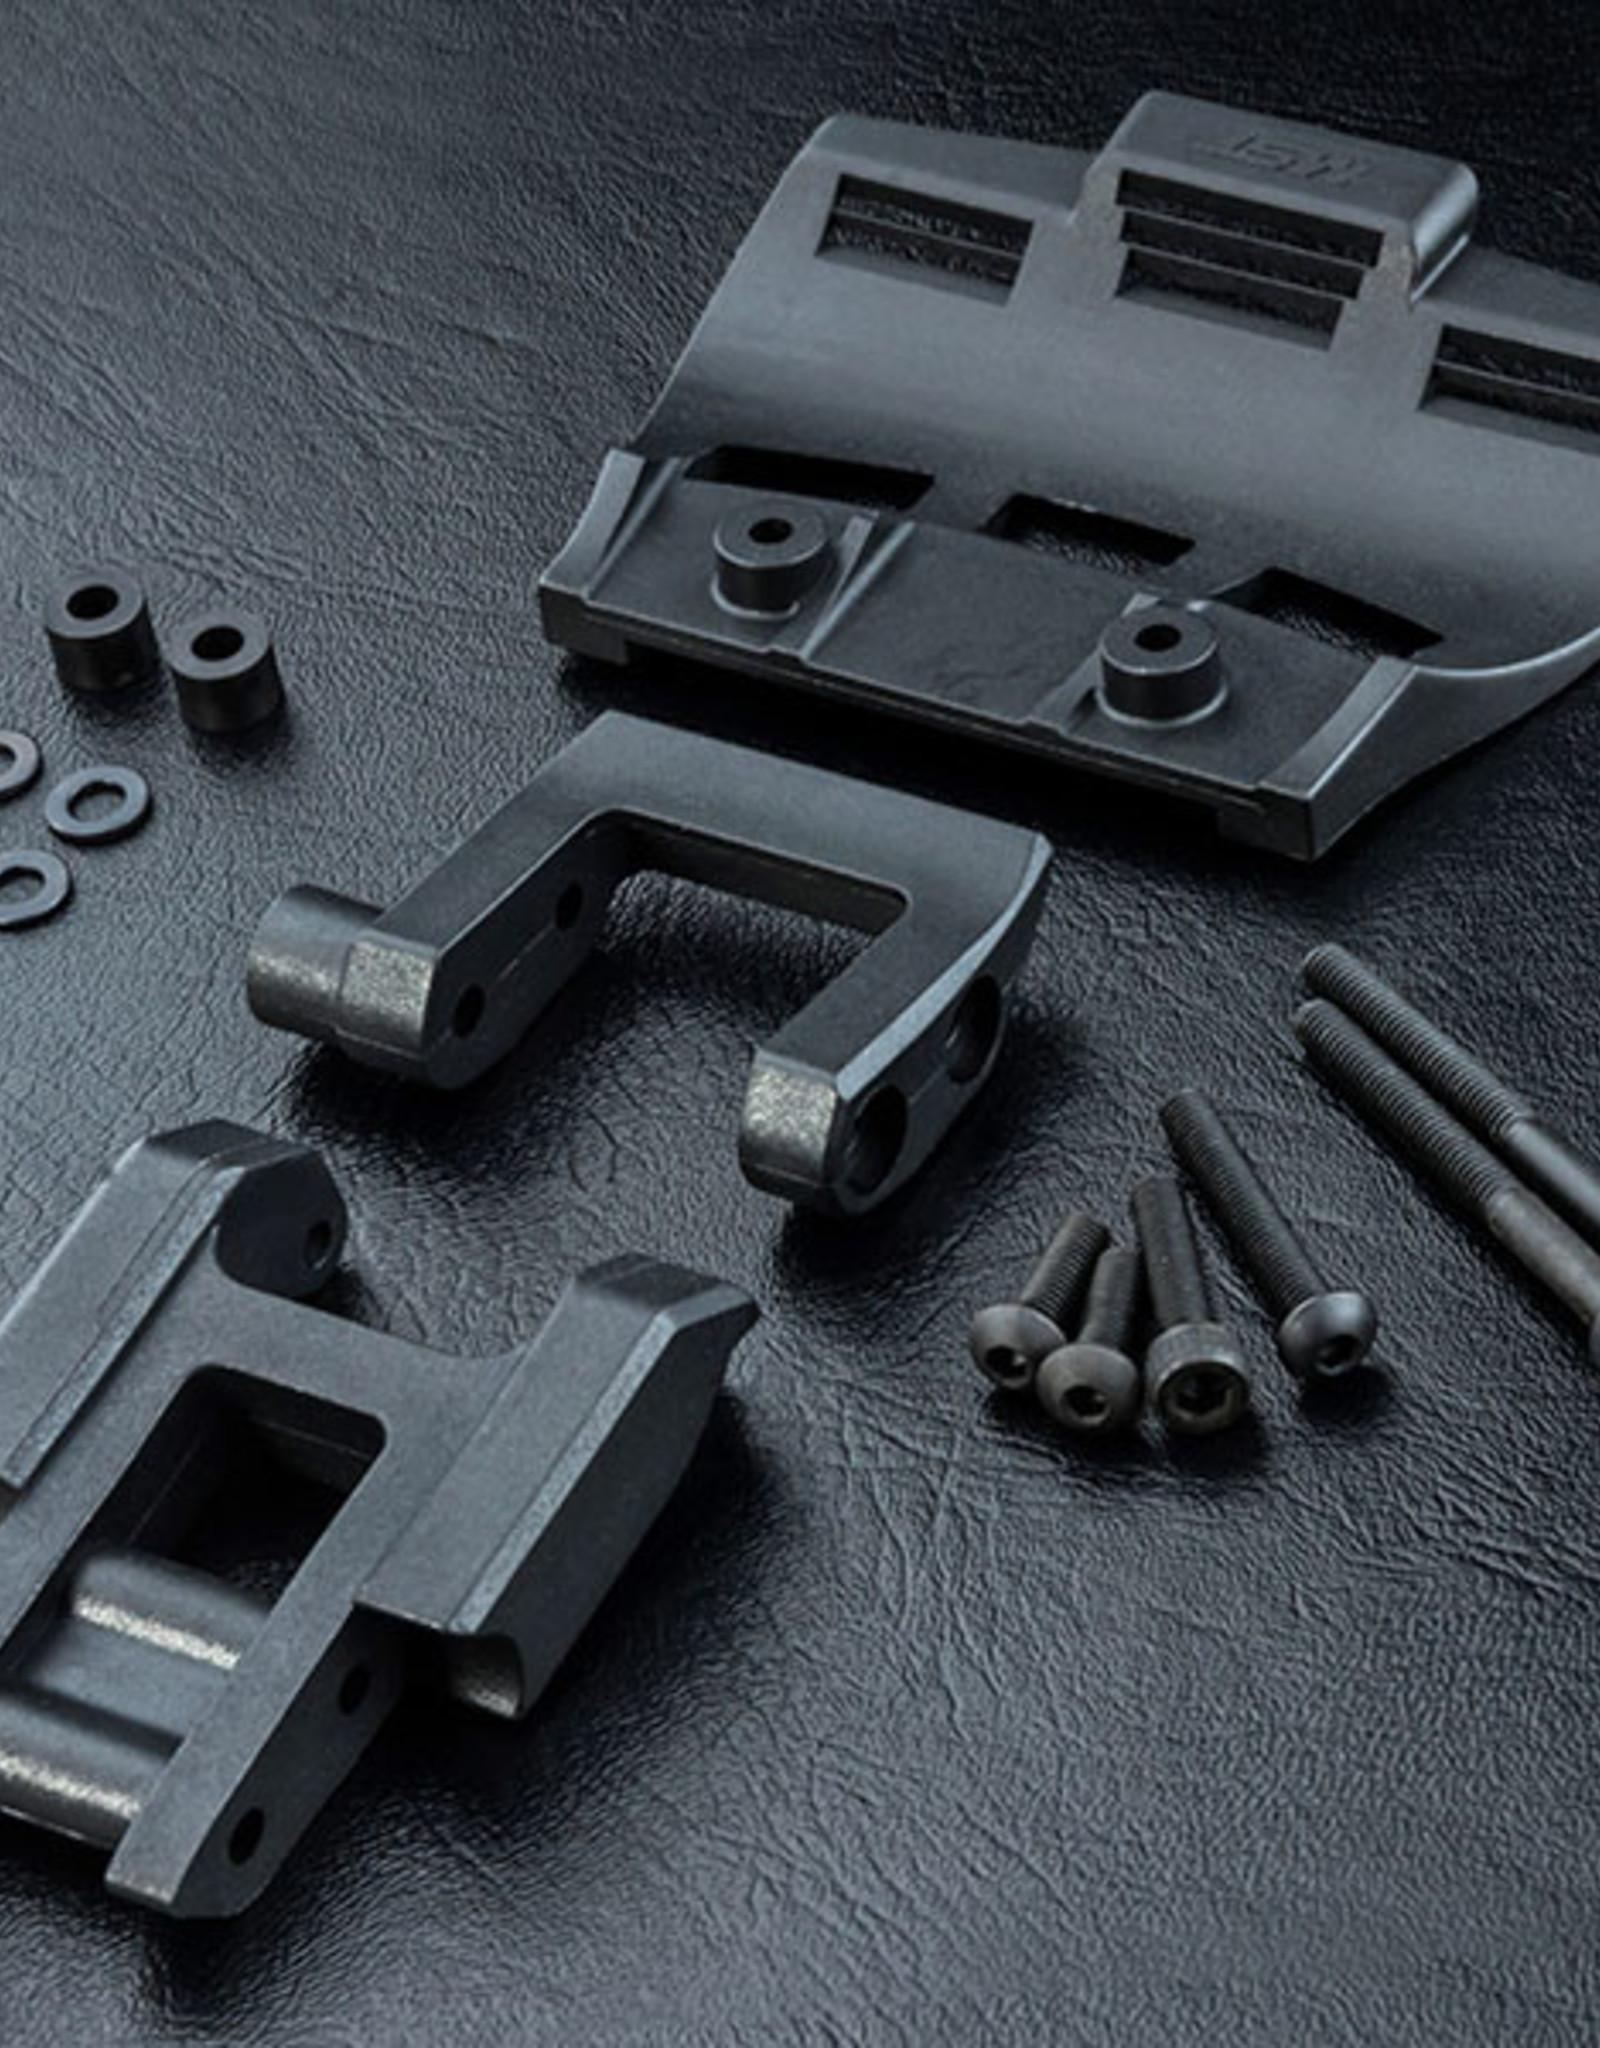 MST MXPSD210579 RMX 2.0 Rear motor conversion kit by MST